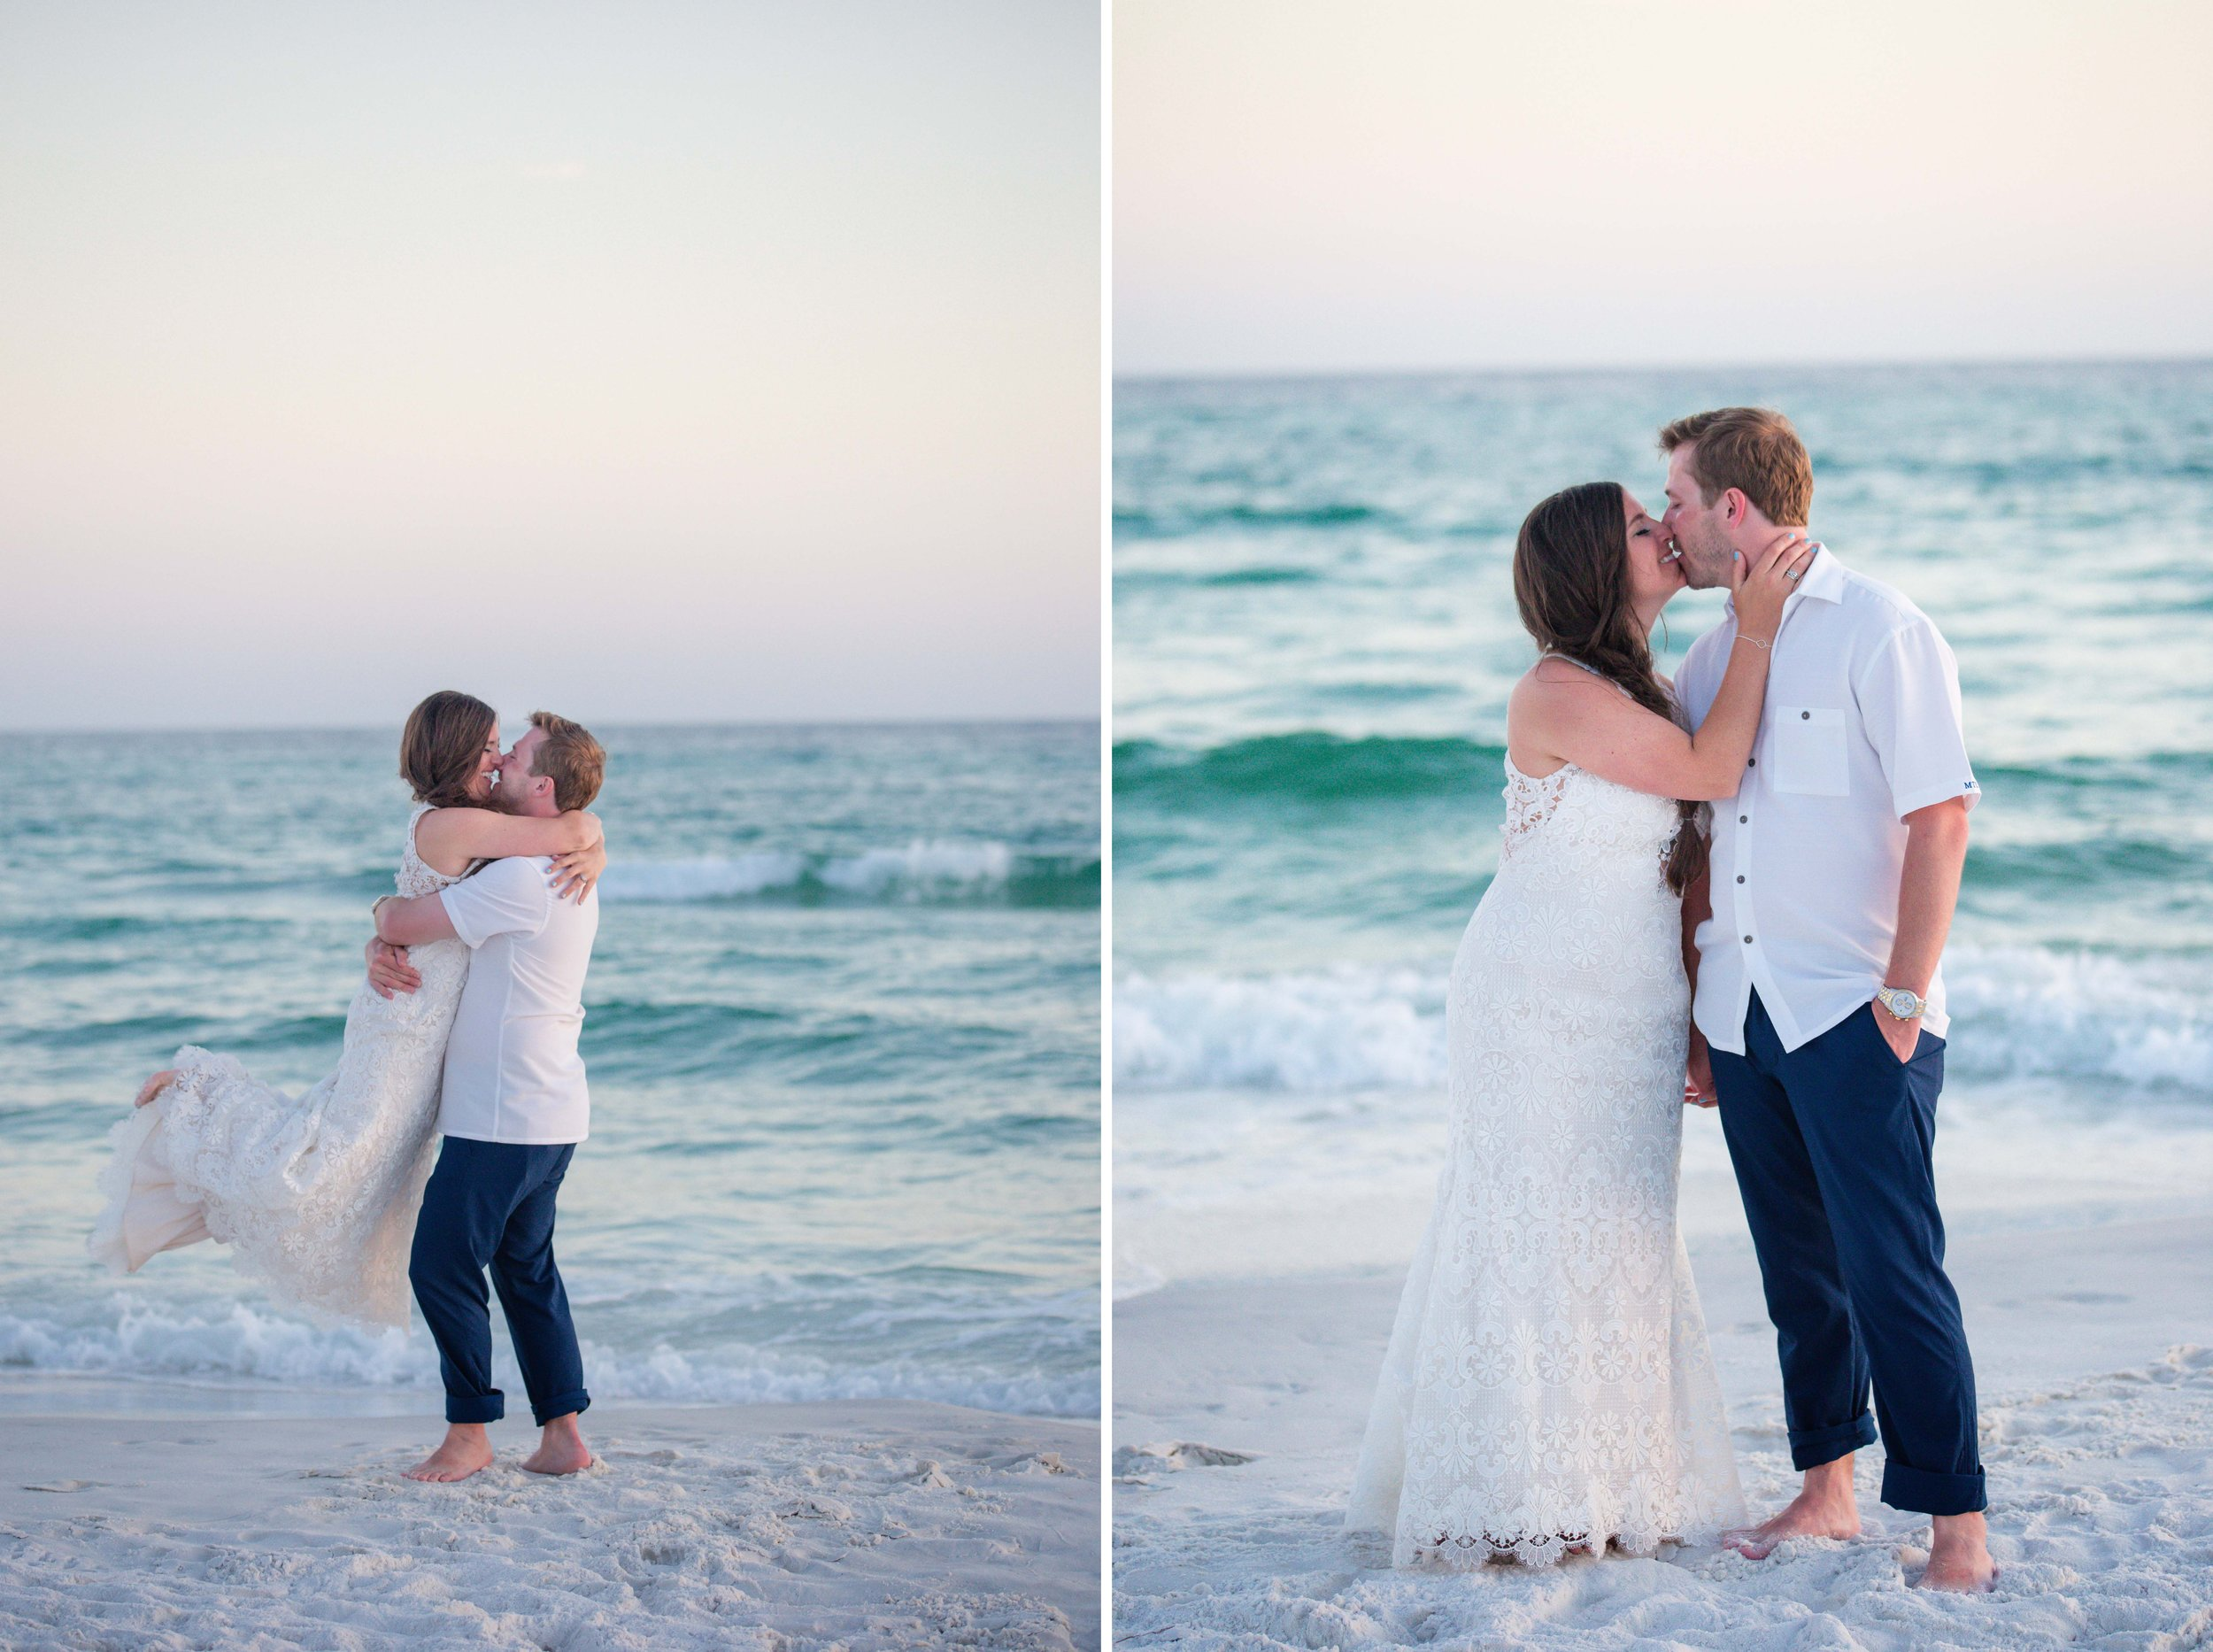 30a-Destin-Florida-Wedding-Photography-Caydee-Matt_0082.jpg